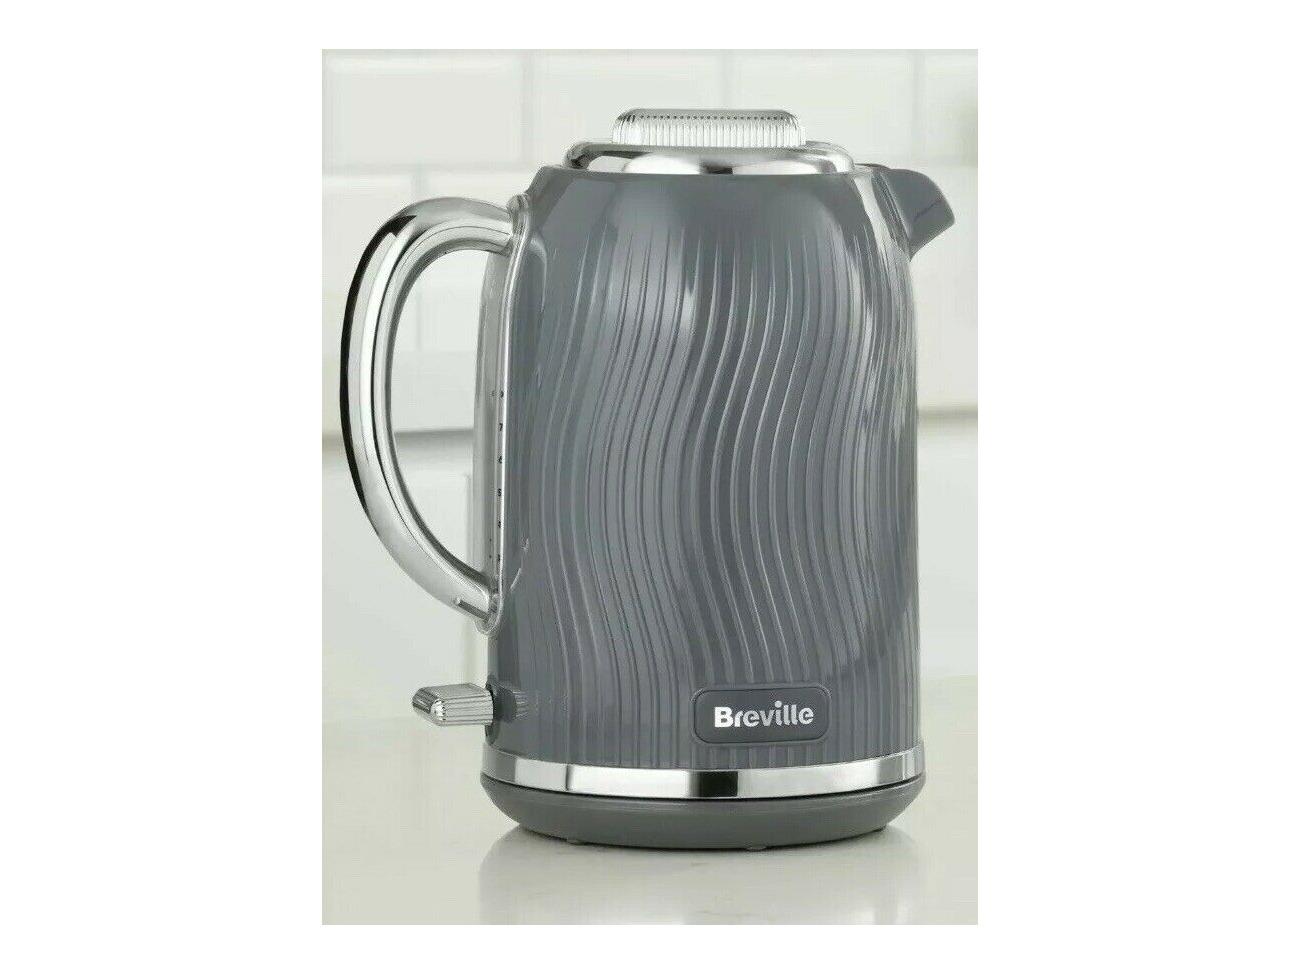 Buy Breville VKT092 3kW 1.7L Rapid Boil